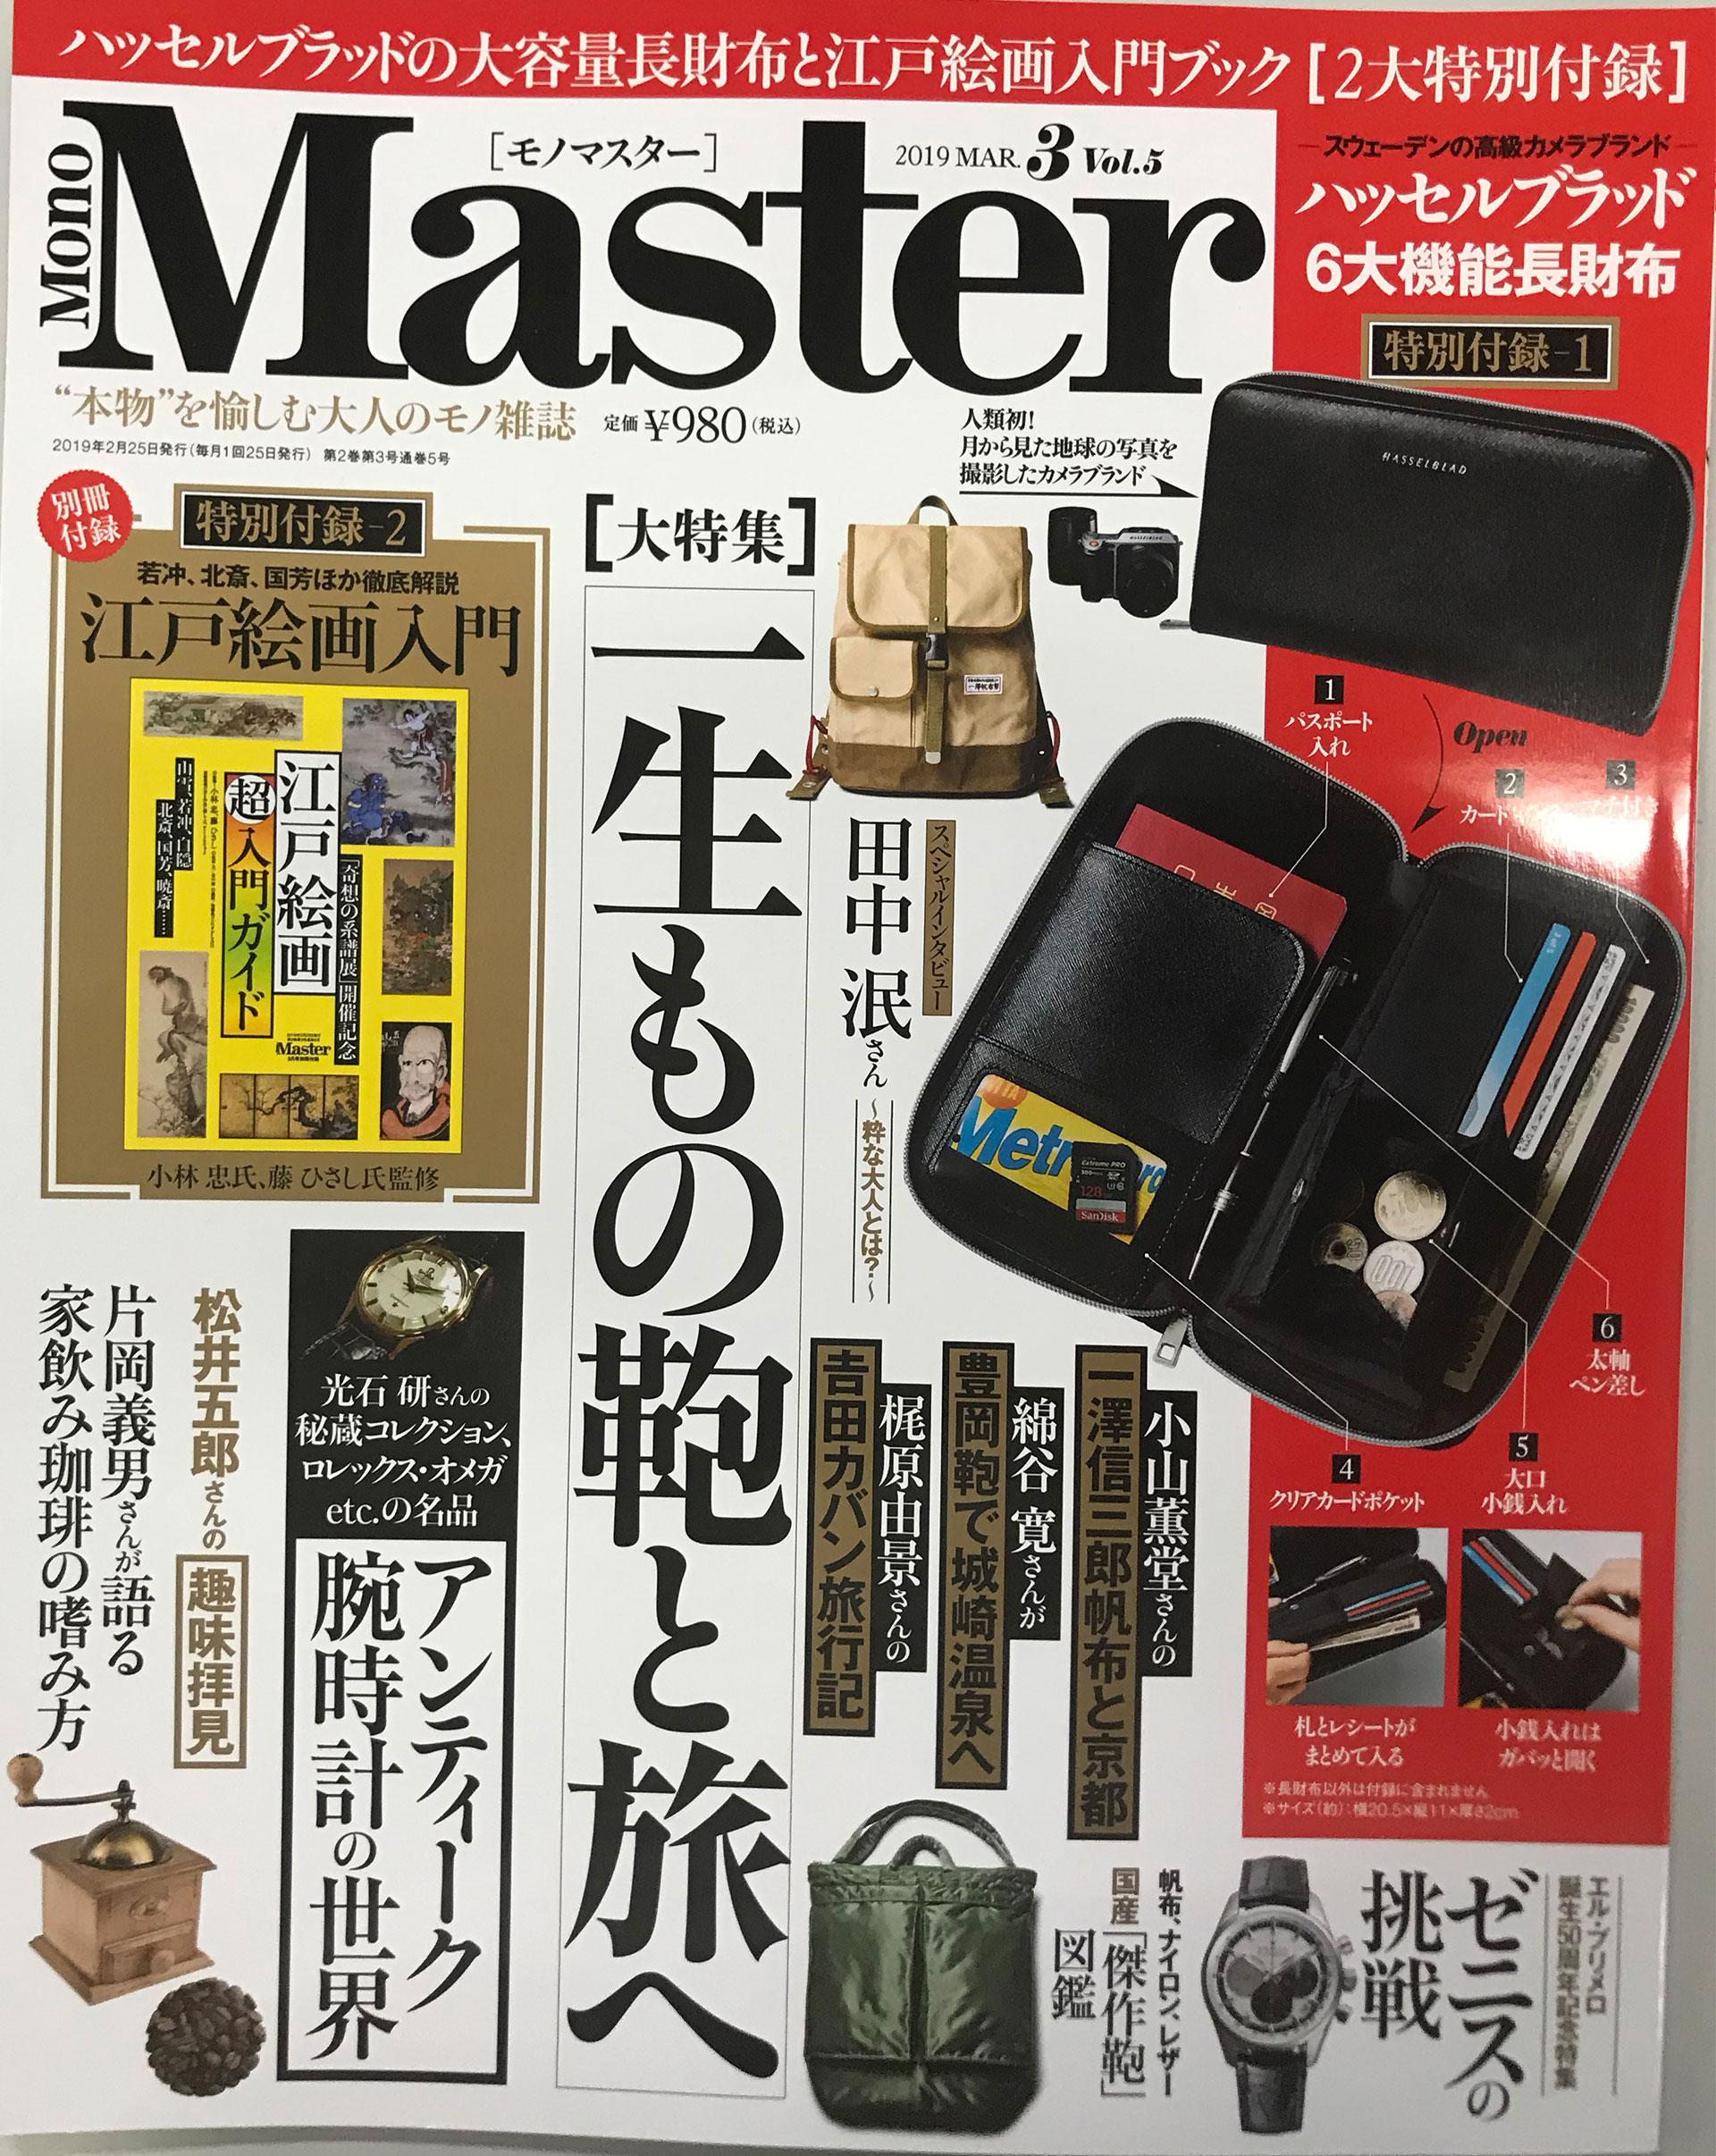 モノマスター MonoMaster 3月号 付録 ハッセルブラッド HASSELBLAD